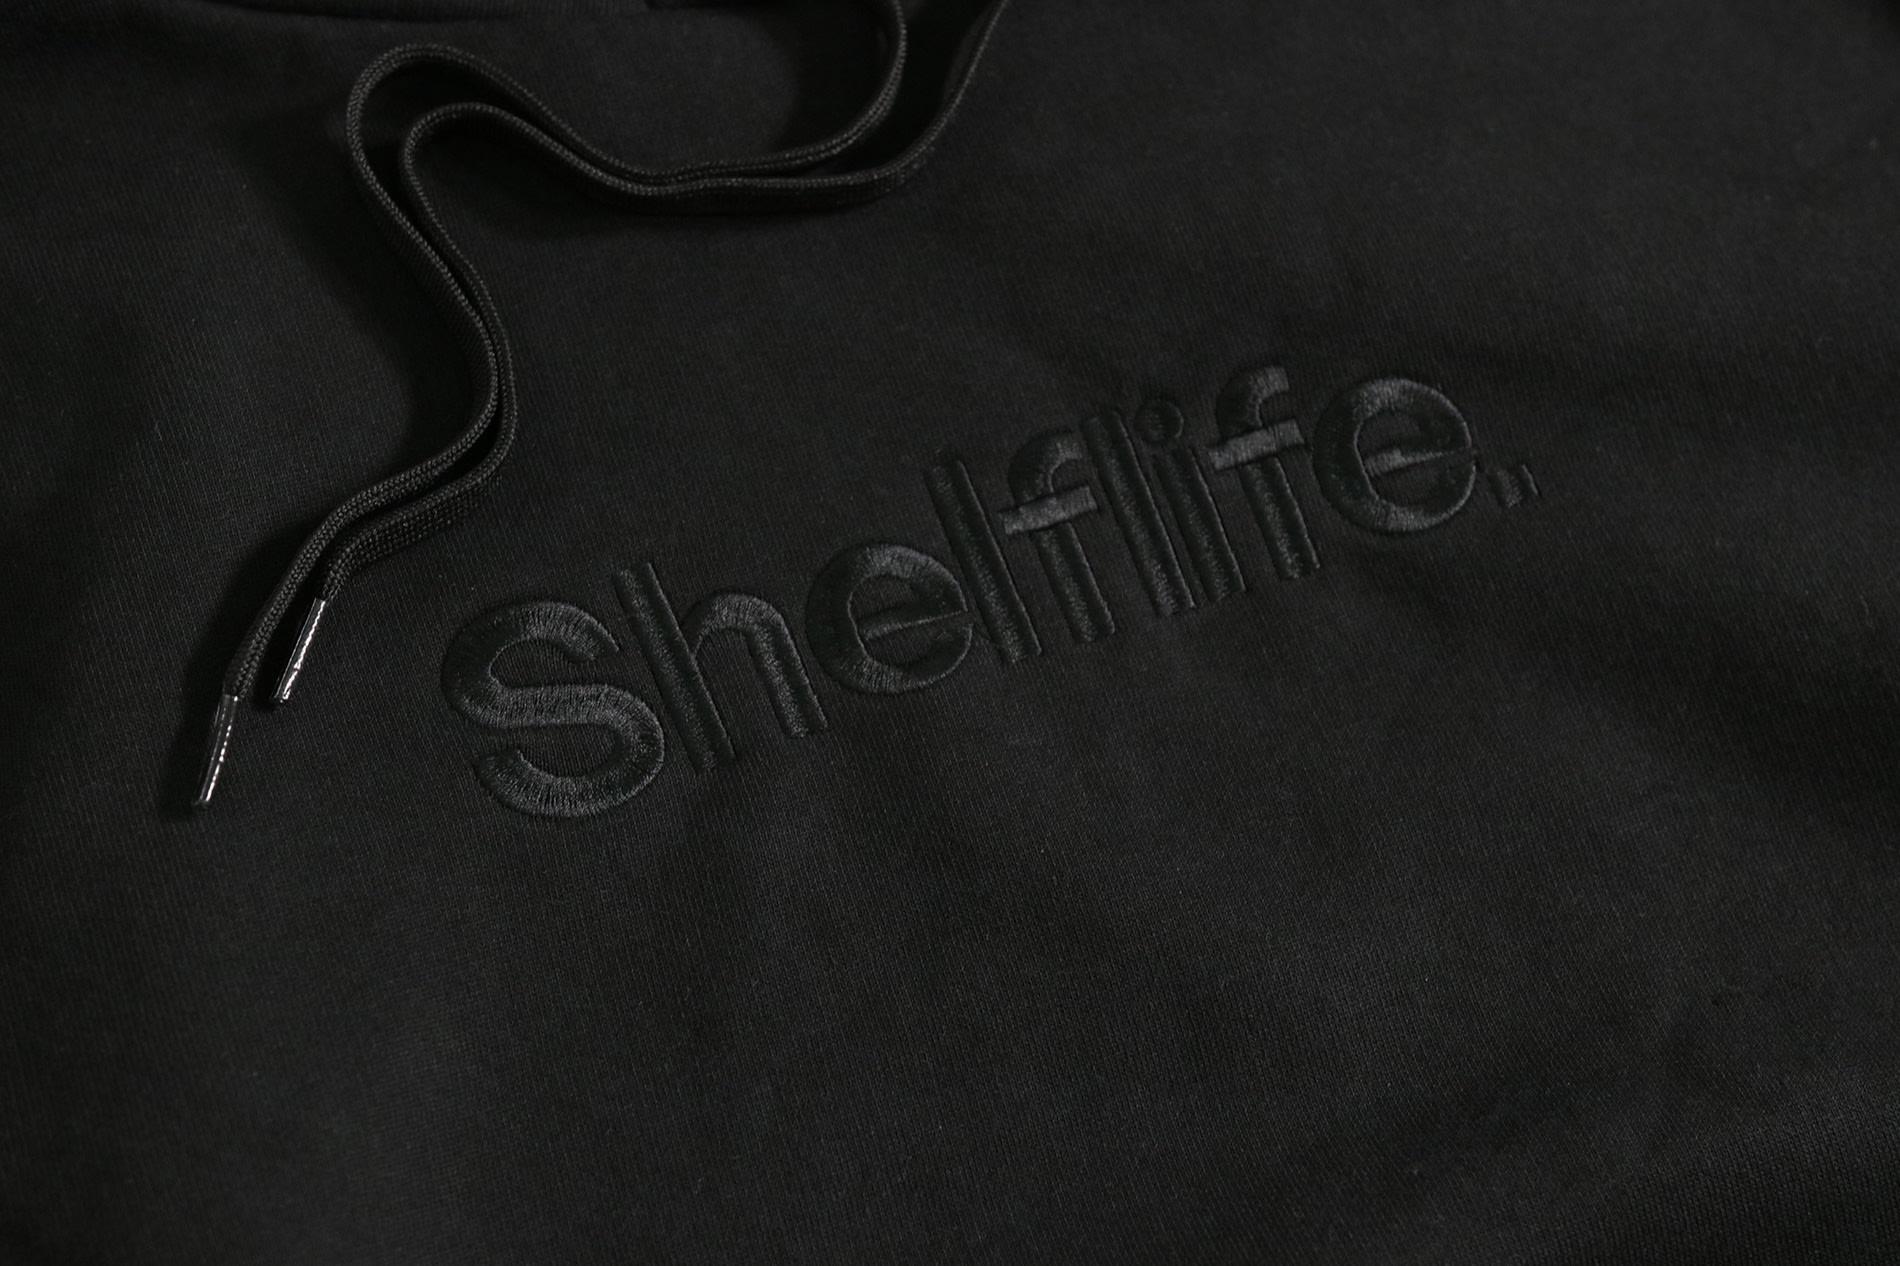 Shelflife Simple Font Hoodie - default